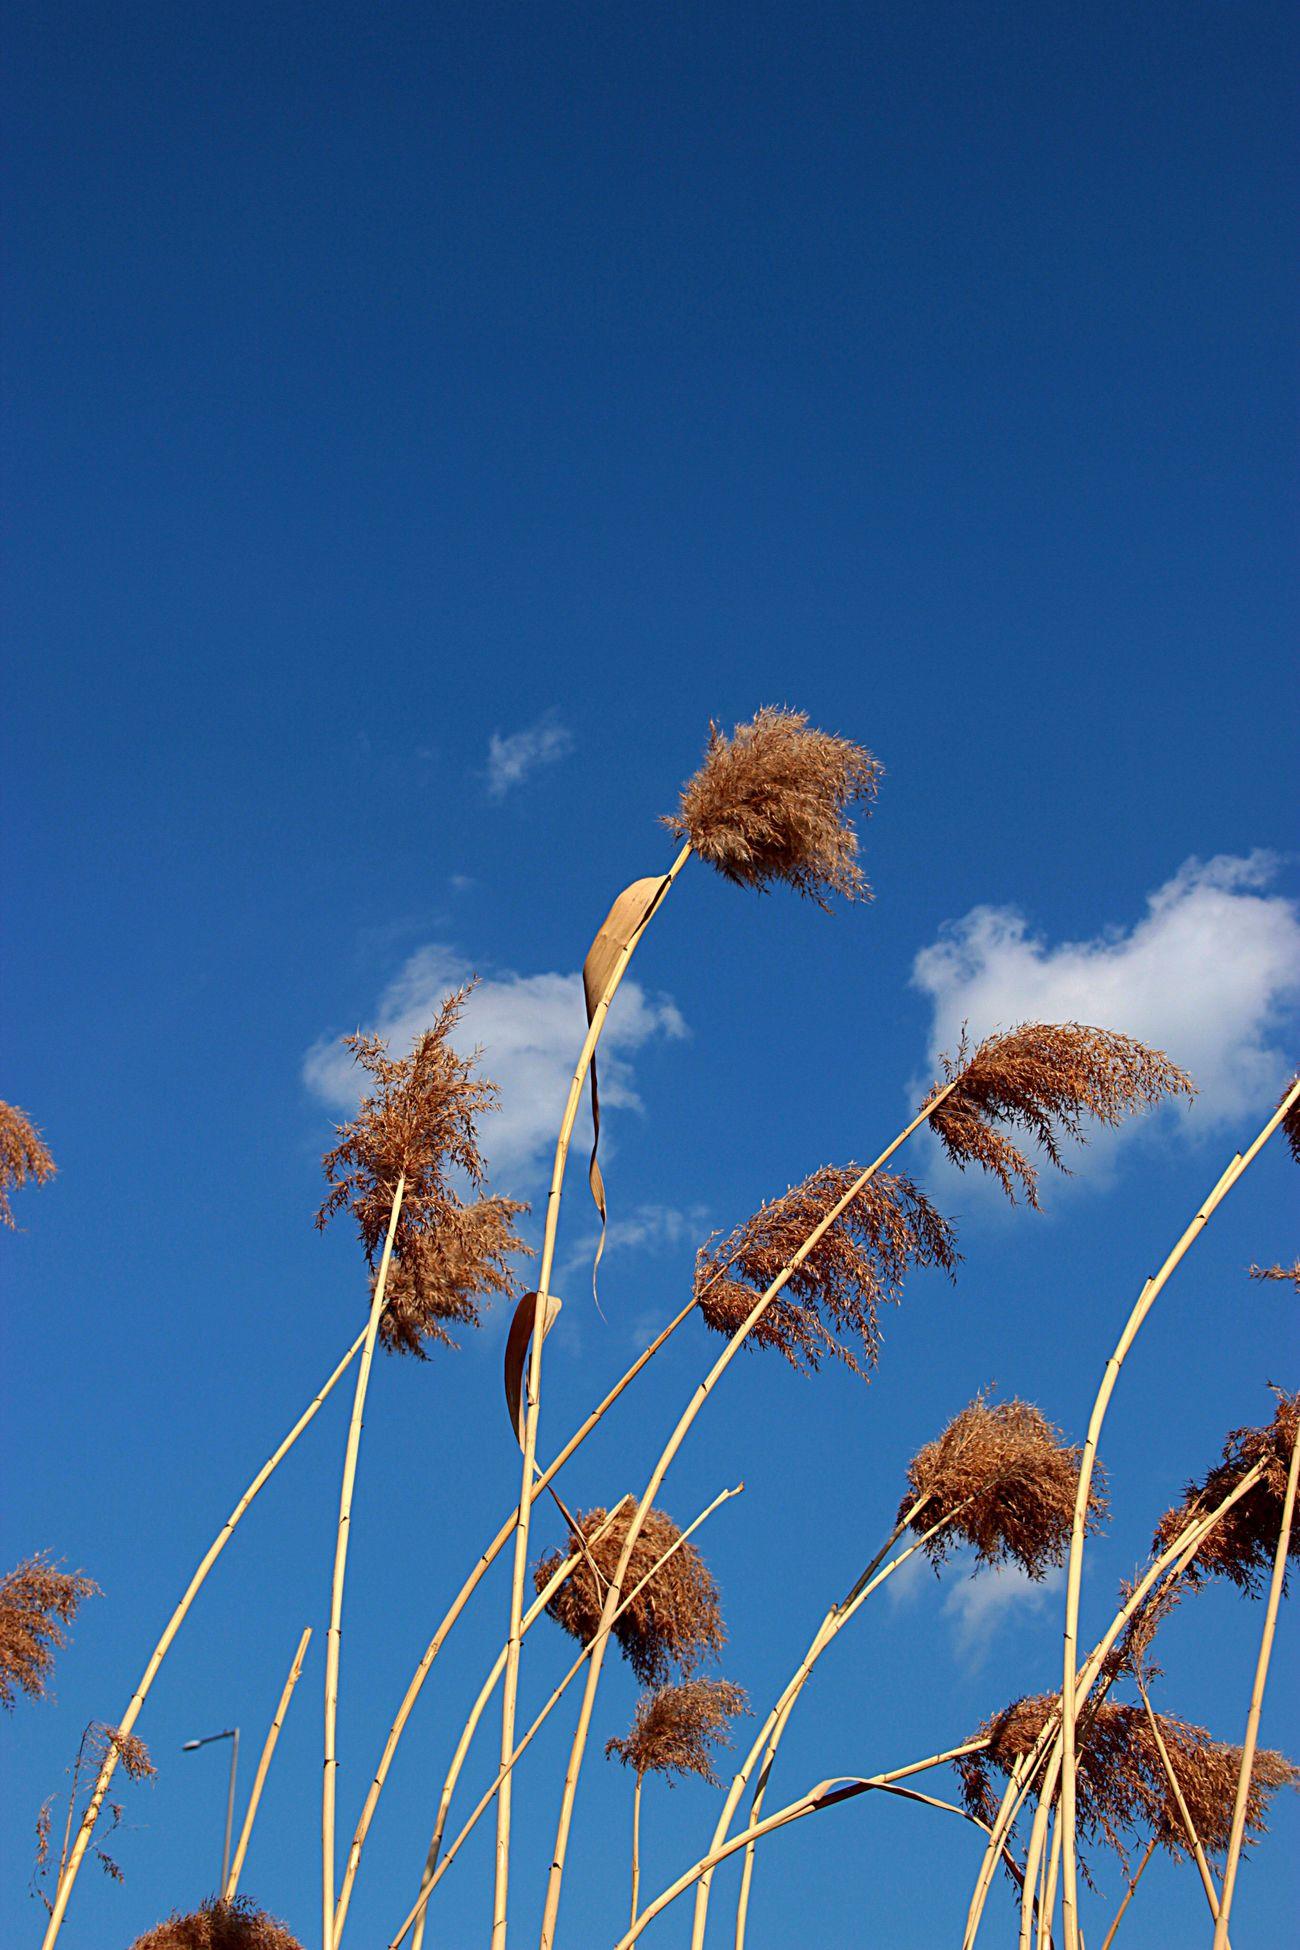 파란 하늘의 양재천 하늘 갈대 Blue Sky Day Reeds At The Lake Reeds Seoul Korea Canon Beautifulday